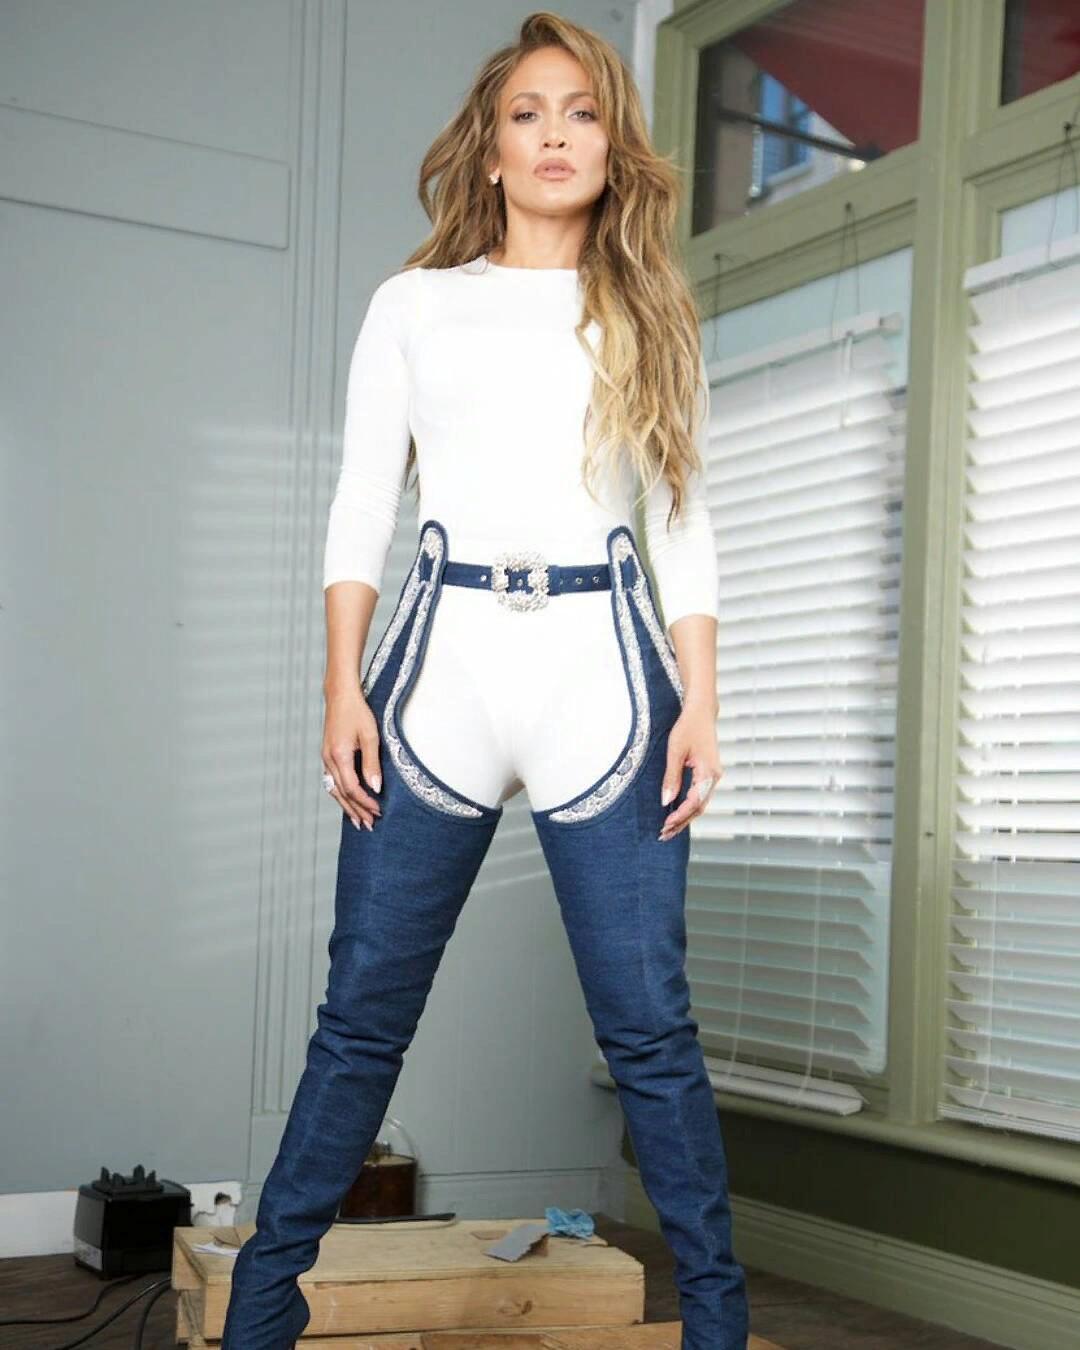 Сапоги или спущенные джинсы? Откровенный образ Джей Ло бурно обсуждают в соцсетях